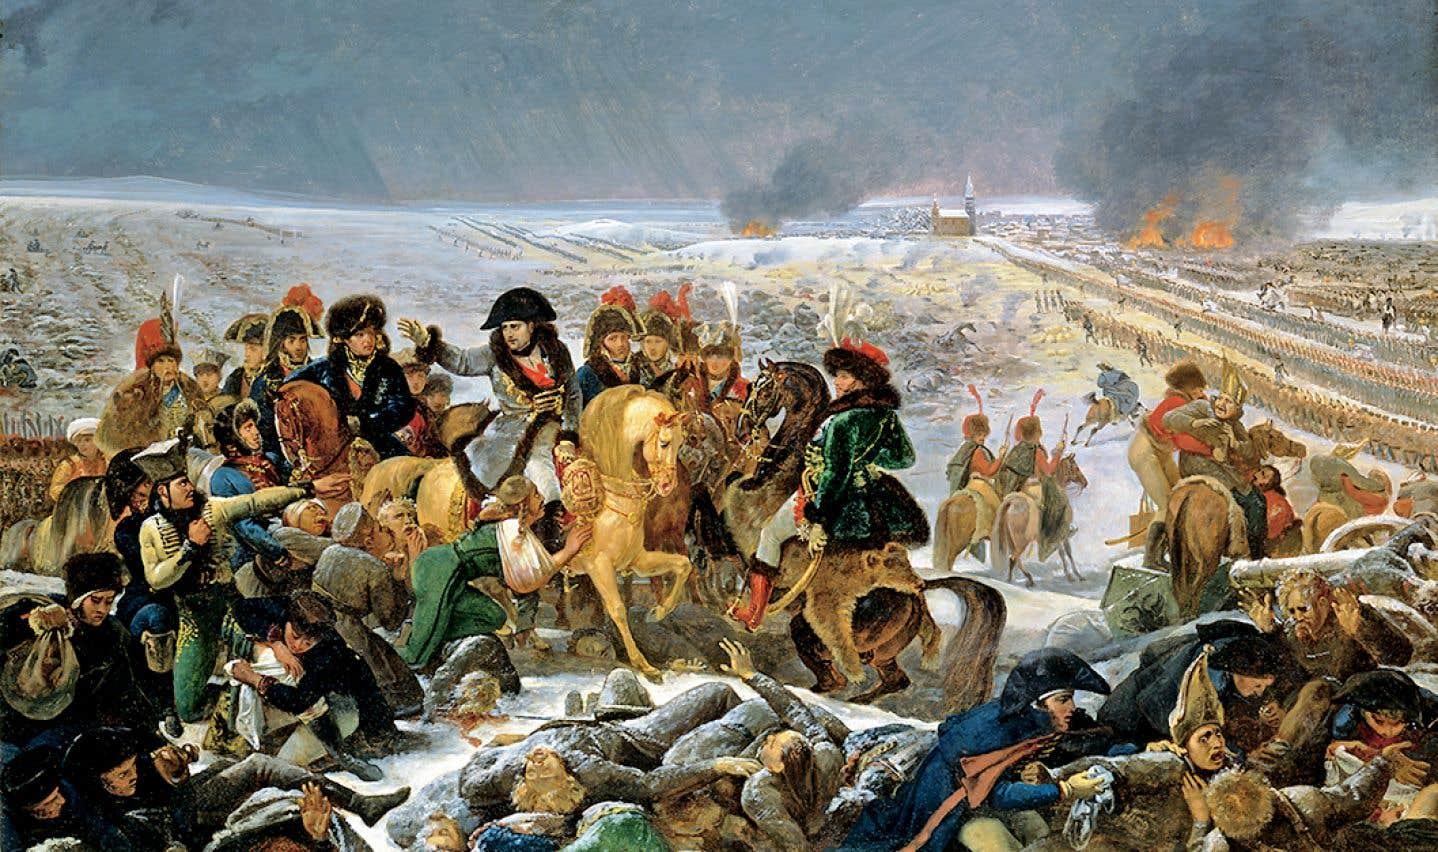 Antoine-Jean Gros (1771-1835), Napoléon sur le champ de bataille d'Eylau, esquisse du tableau du Salon de 1808, 1807, huile sur toile. Toledo Museum of Art, cadeau d'Edward Drummond Libbey.